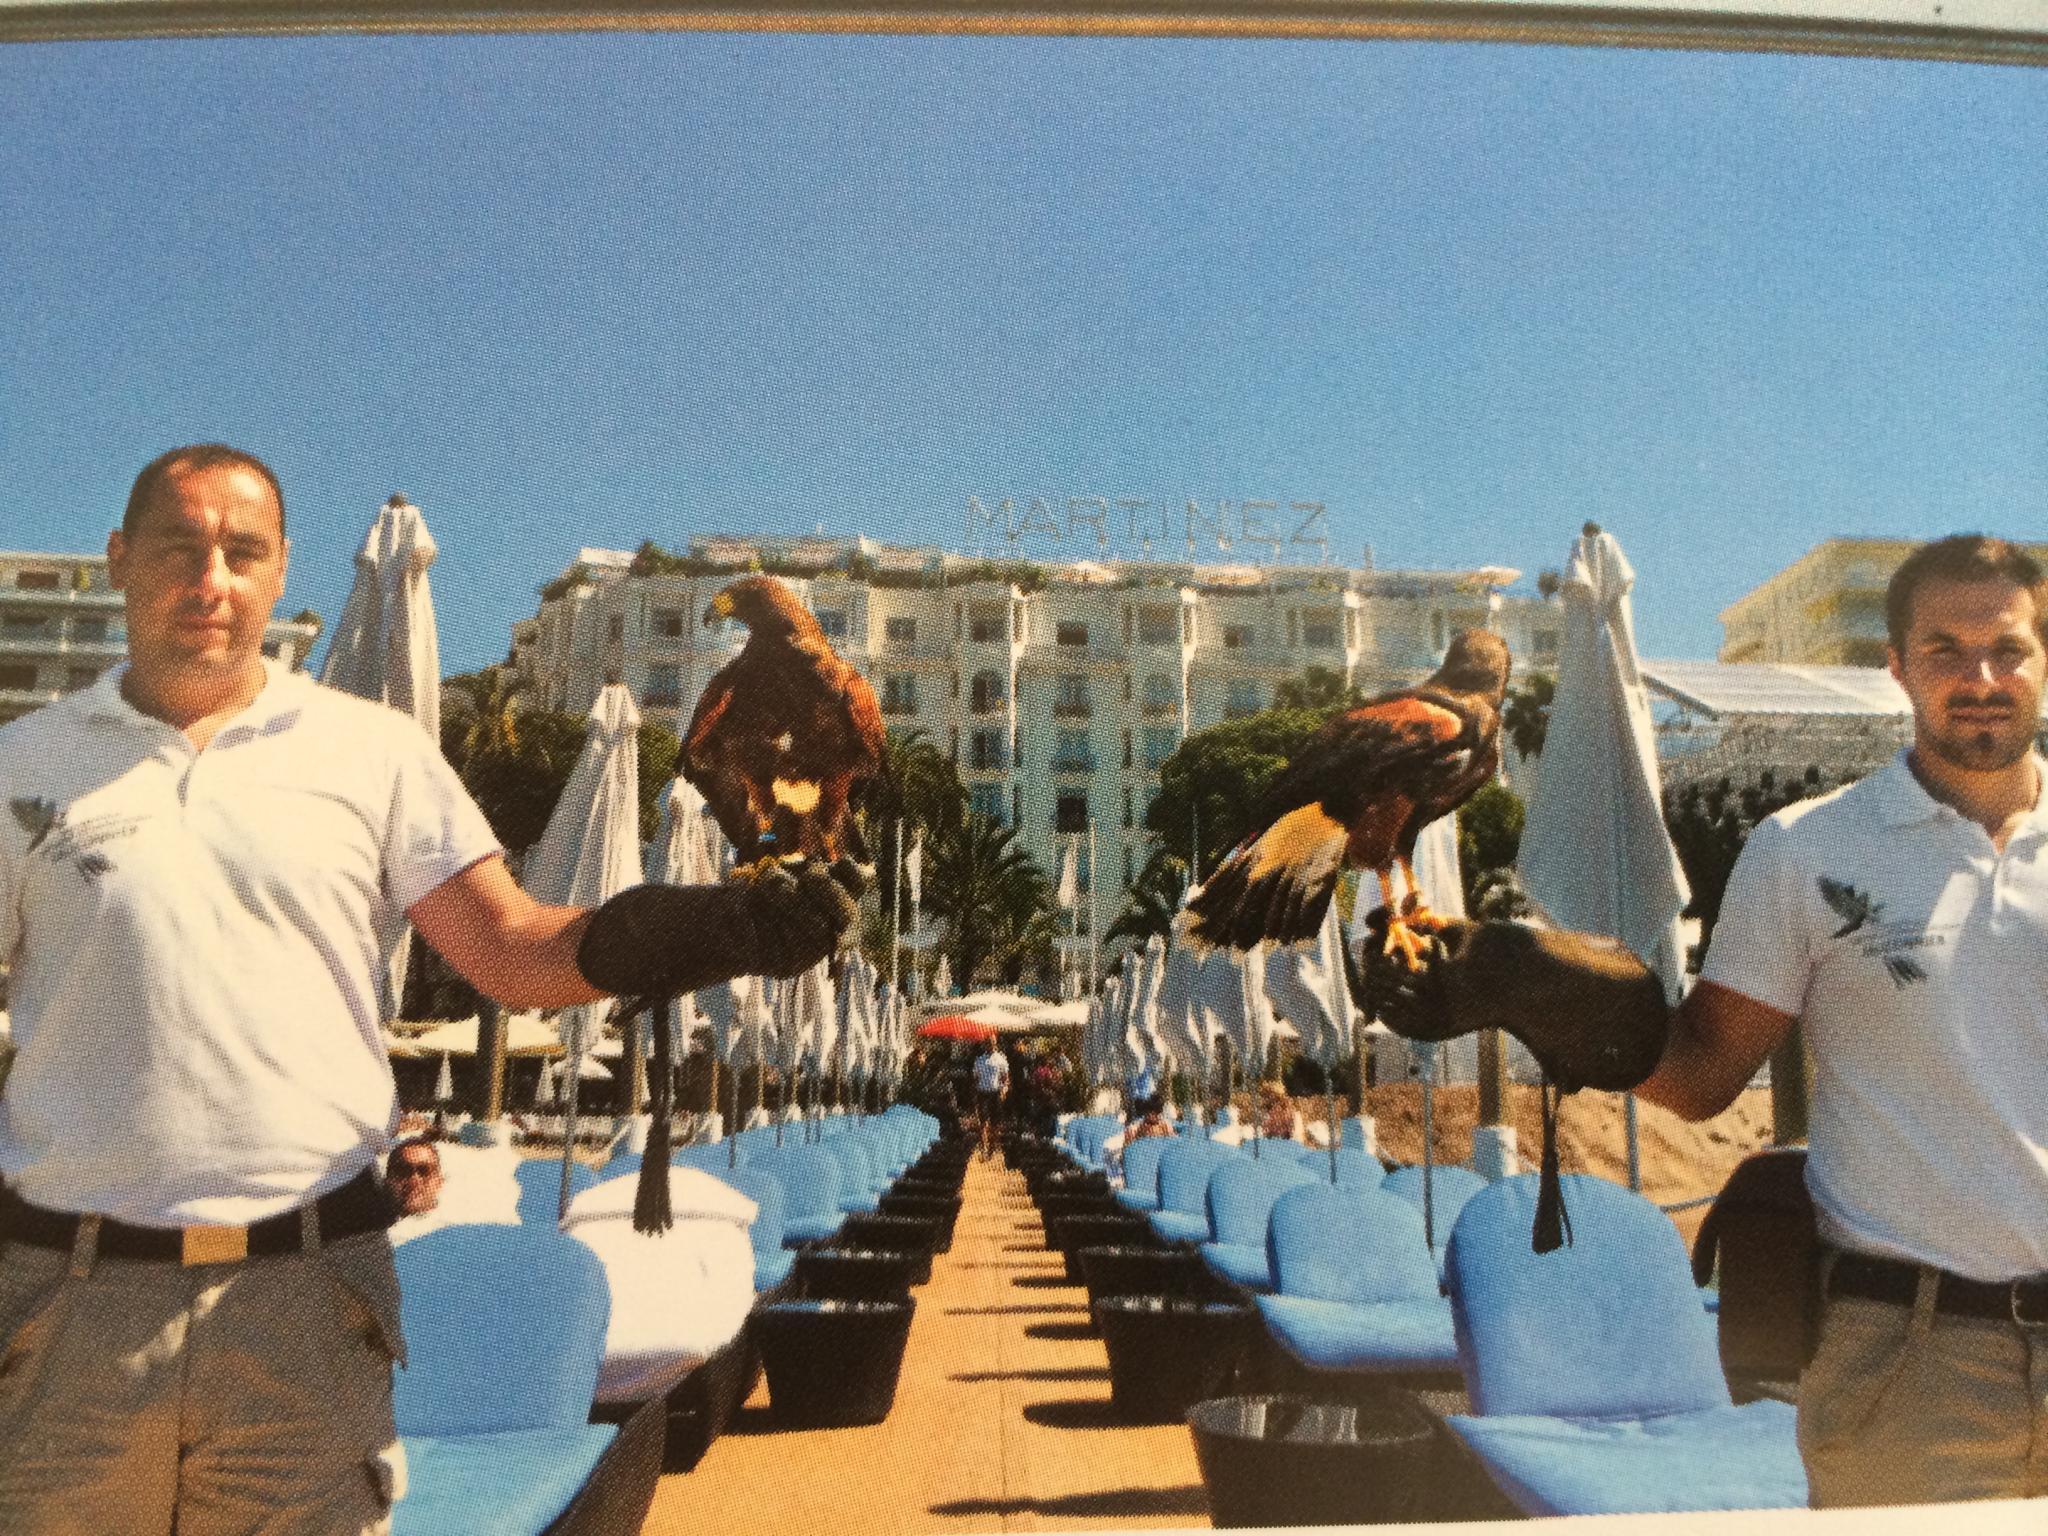 Die zwei Falken gehören zum festen Croisette-Ensemble des Hotel Martínez